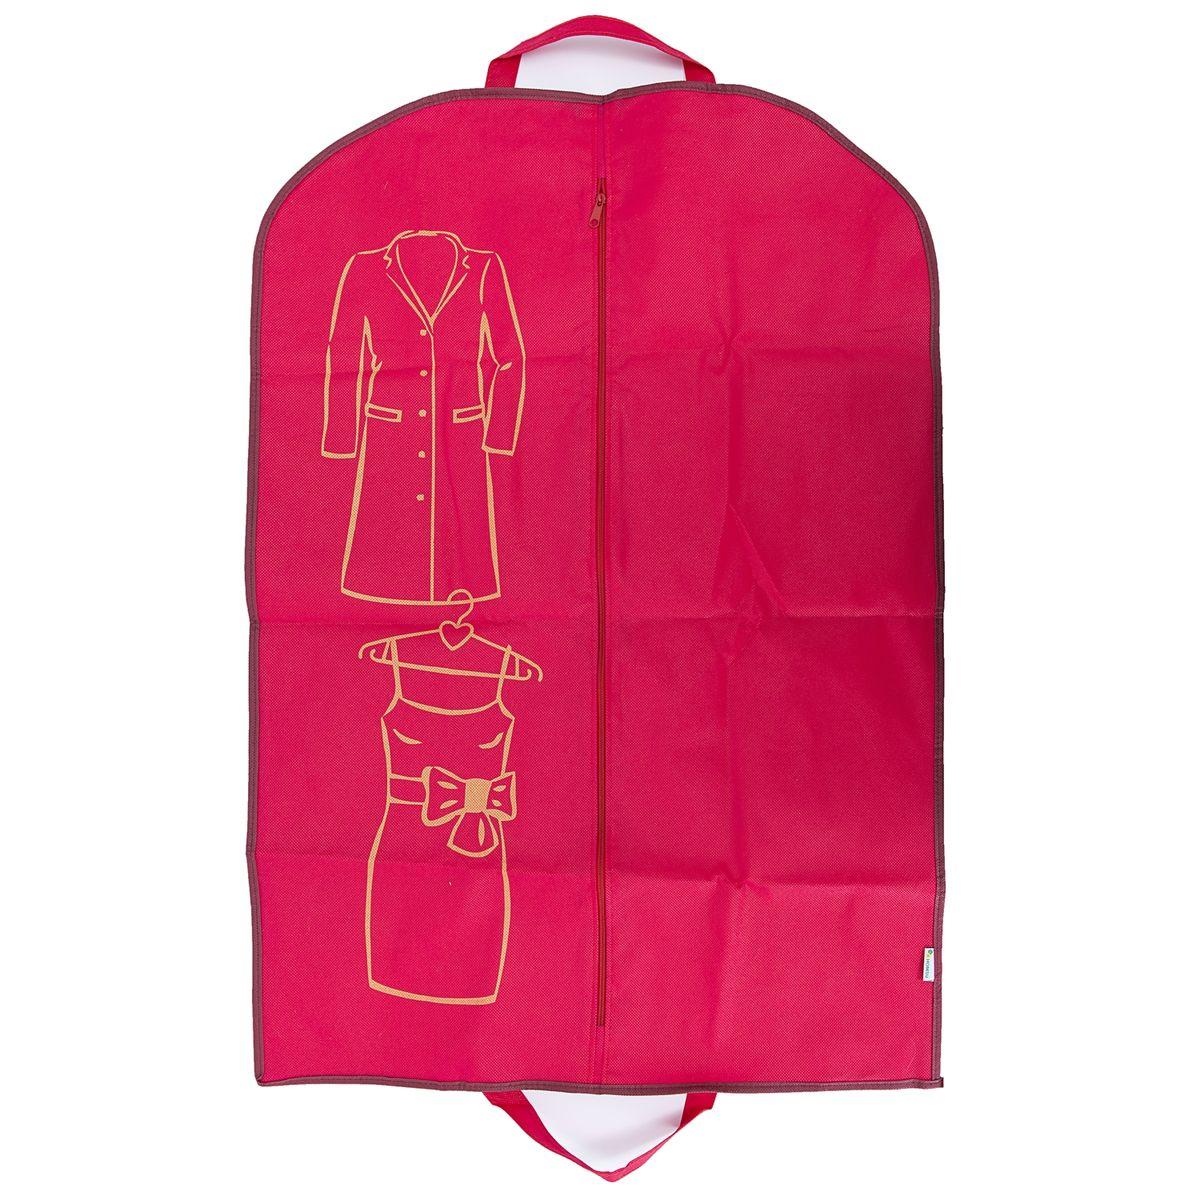 Чехол для одежды Homsu Lady in Red, 90 х 60 смHOM-656Удобный чехол для хранения и перевозки одежды. Изготовлен из высококачественного материала, поможет полноценно сберечь вашу одежду, как в домашнем хранении, так и во время транспортировки.